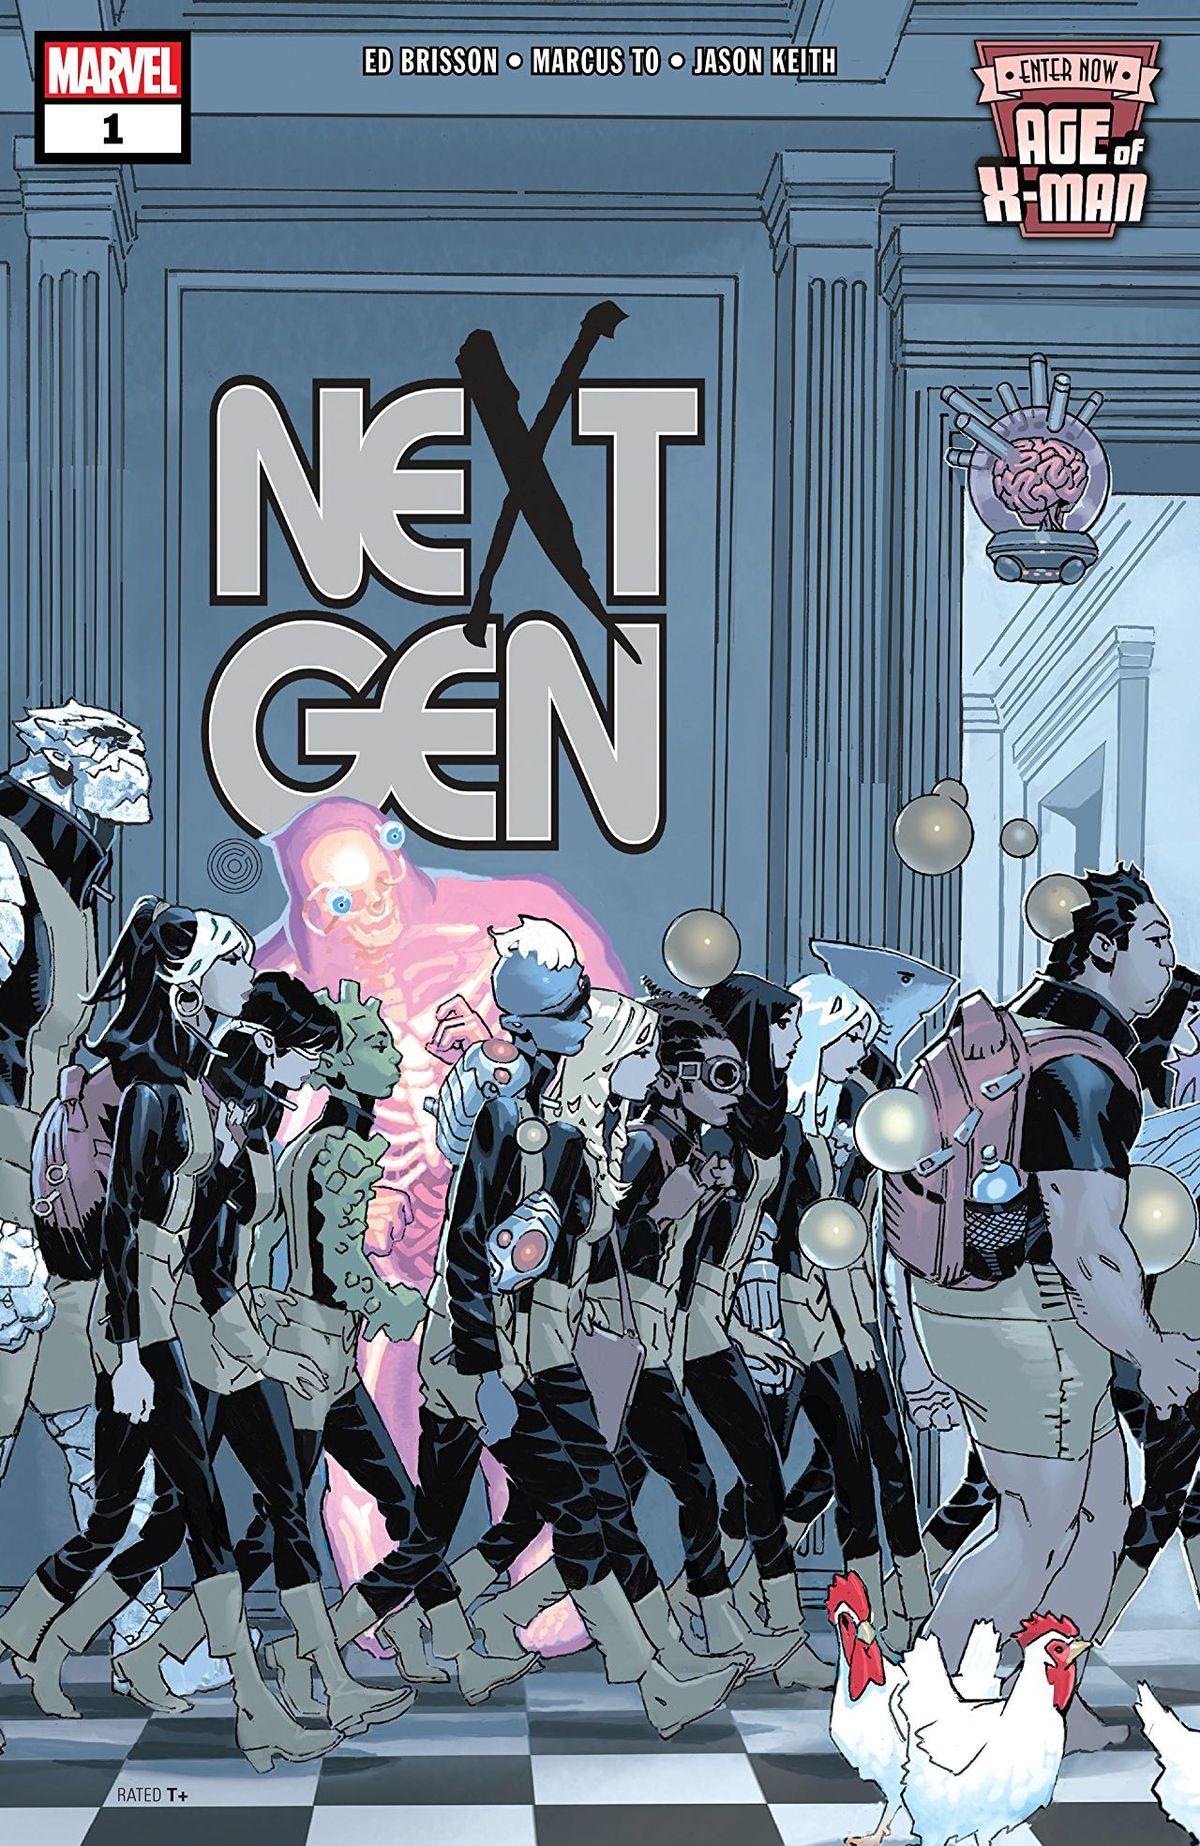 X-Man的时代是一个史诗般的漫威事件,讲述当X战警最终获胜时会发生什么